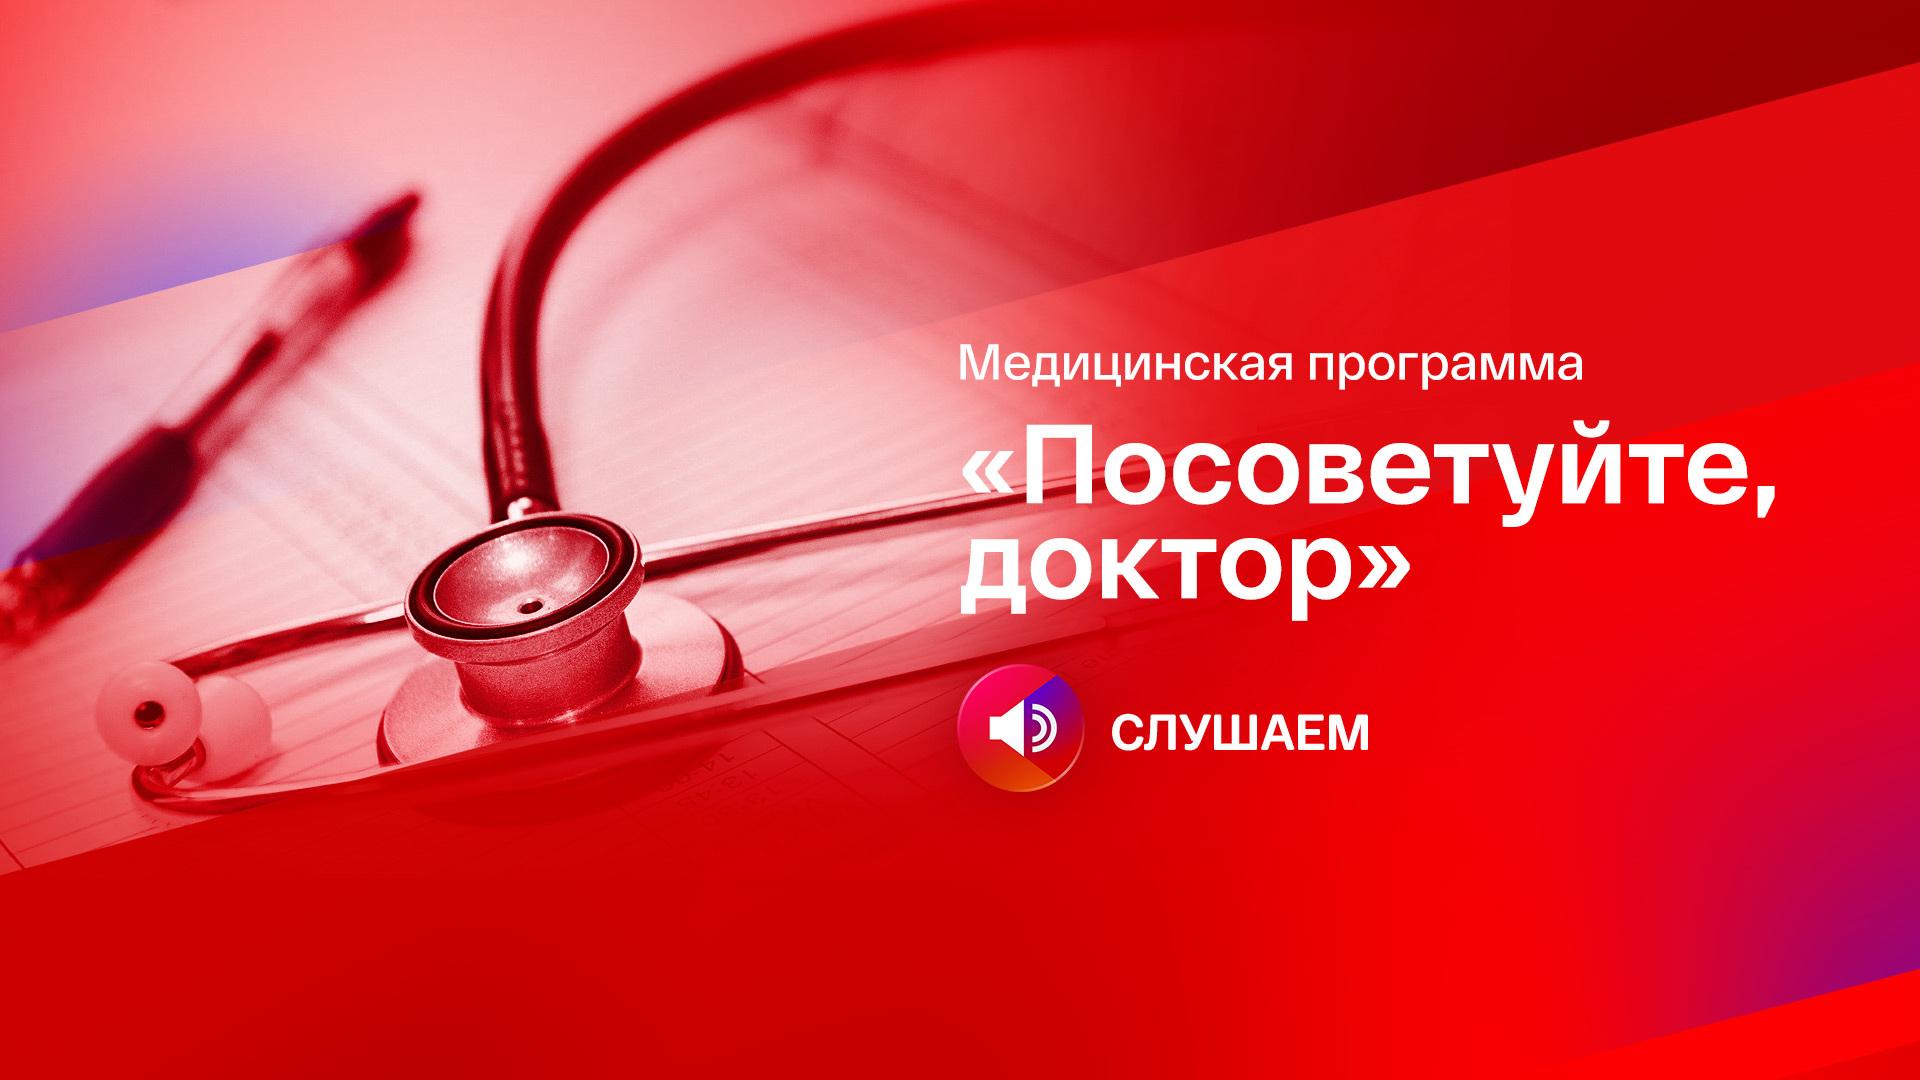 Медицинская программа